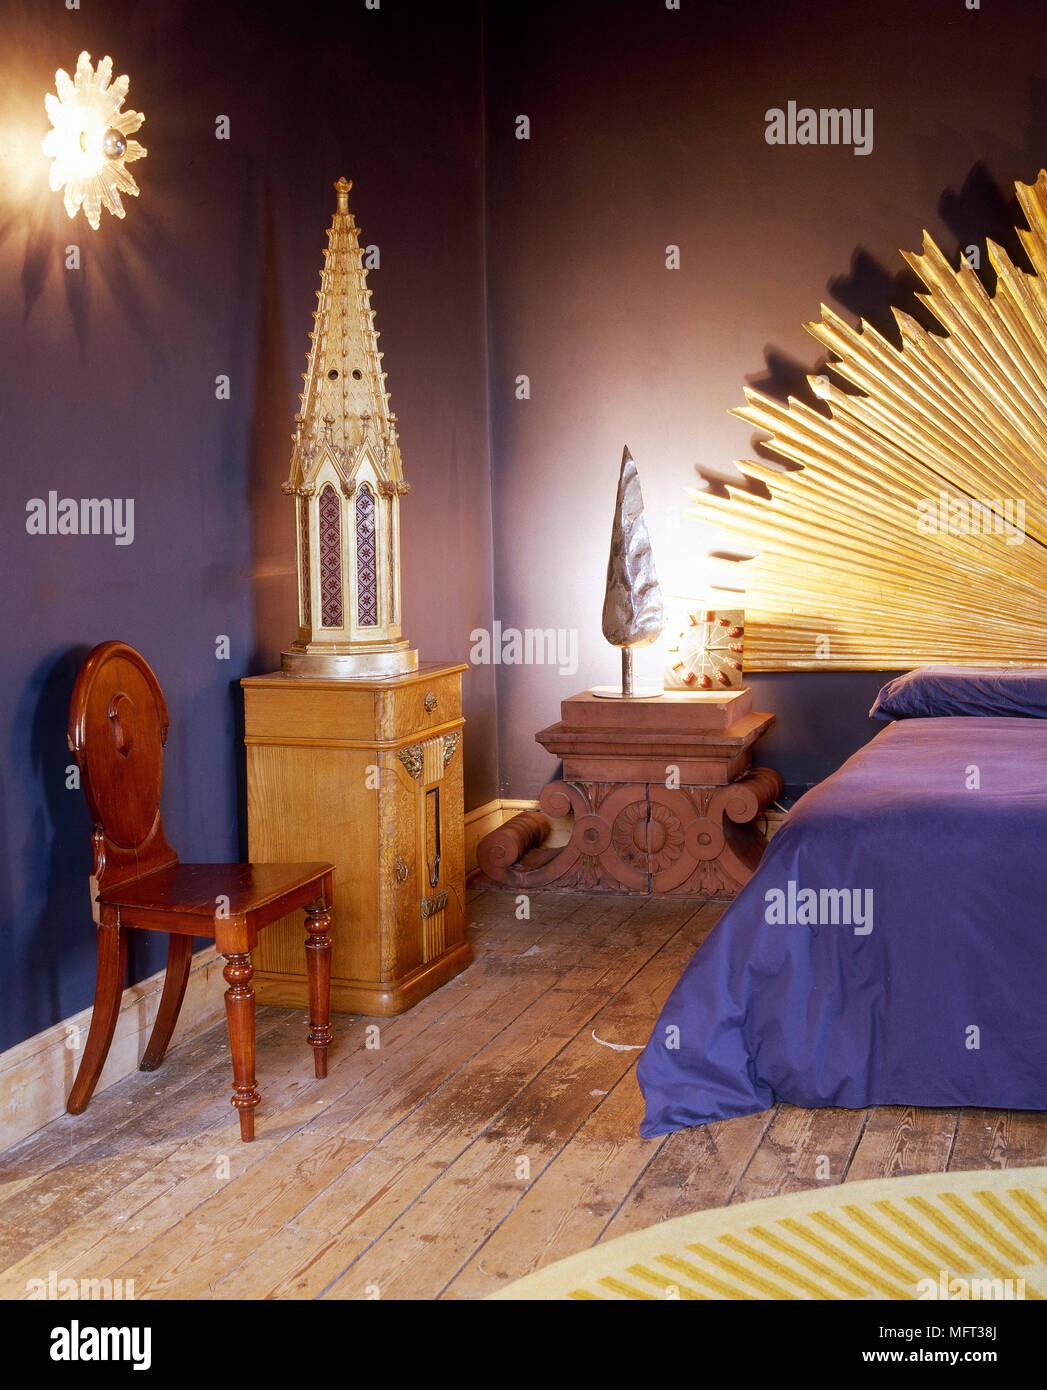 Chambre Mauve Moderne Dépouillé De Plancher Couvre Lit Bleu Lits Chambres  Intérieurs Colorés Spectaculaires Bold Riches Couleurs Shabby Chic Bohème  Détresse